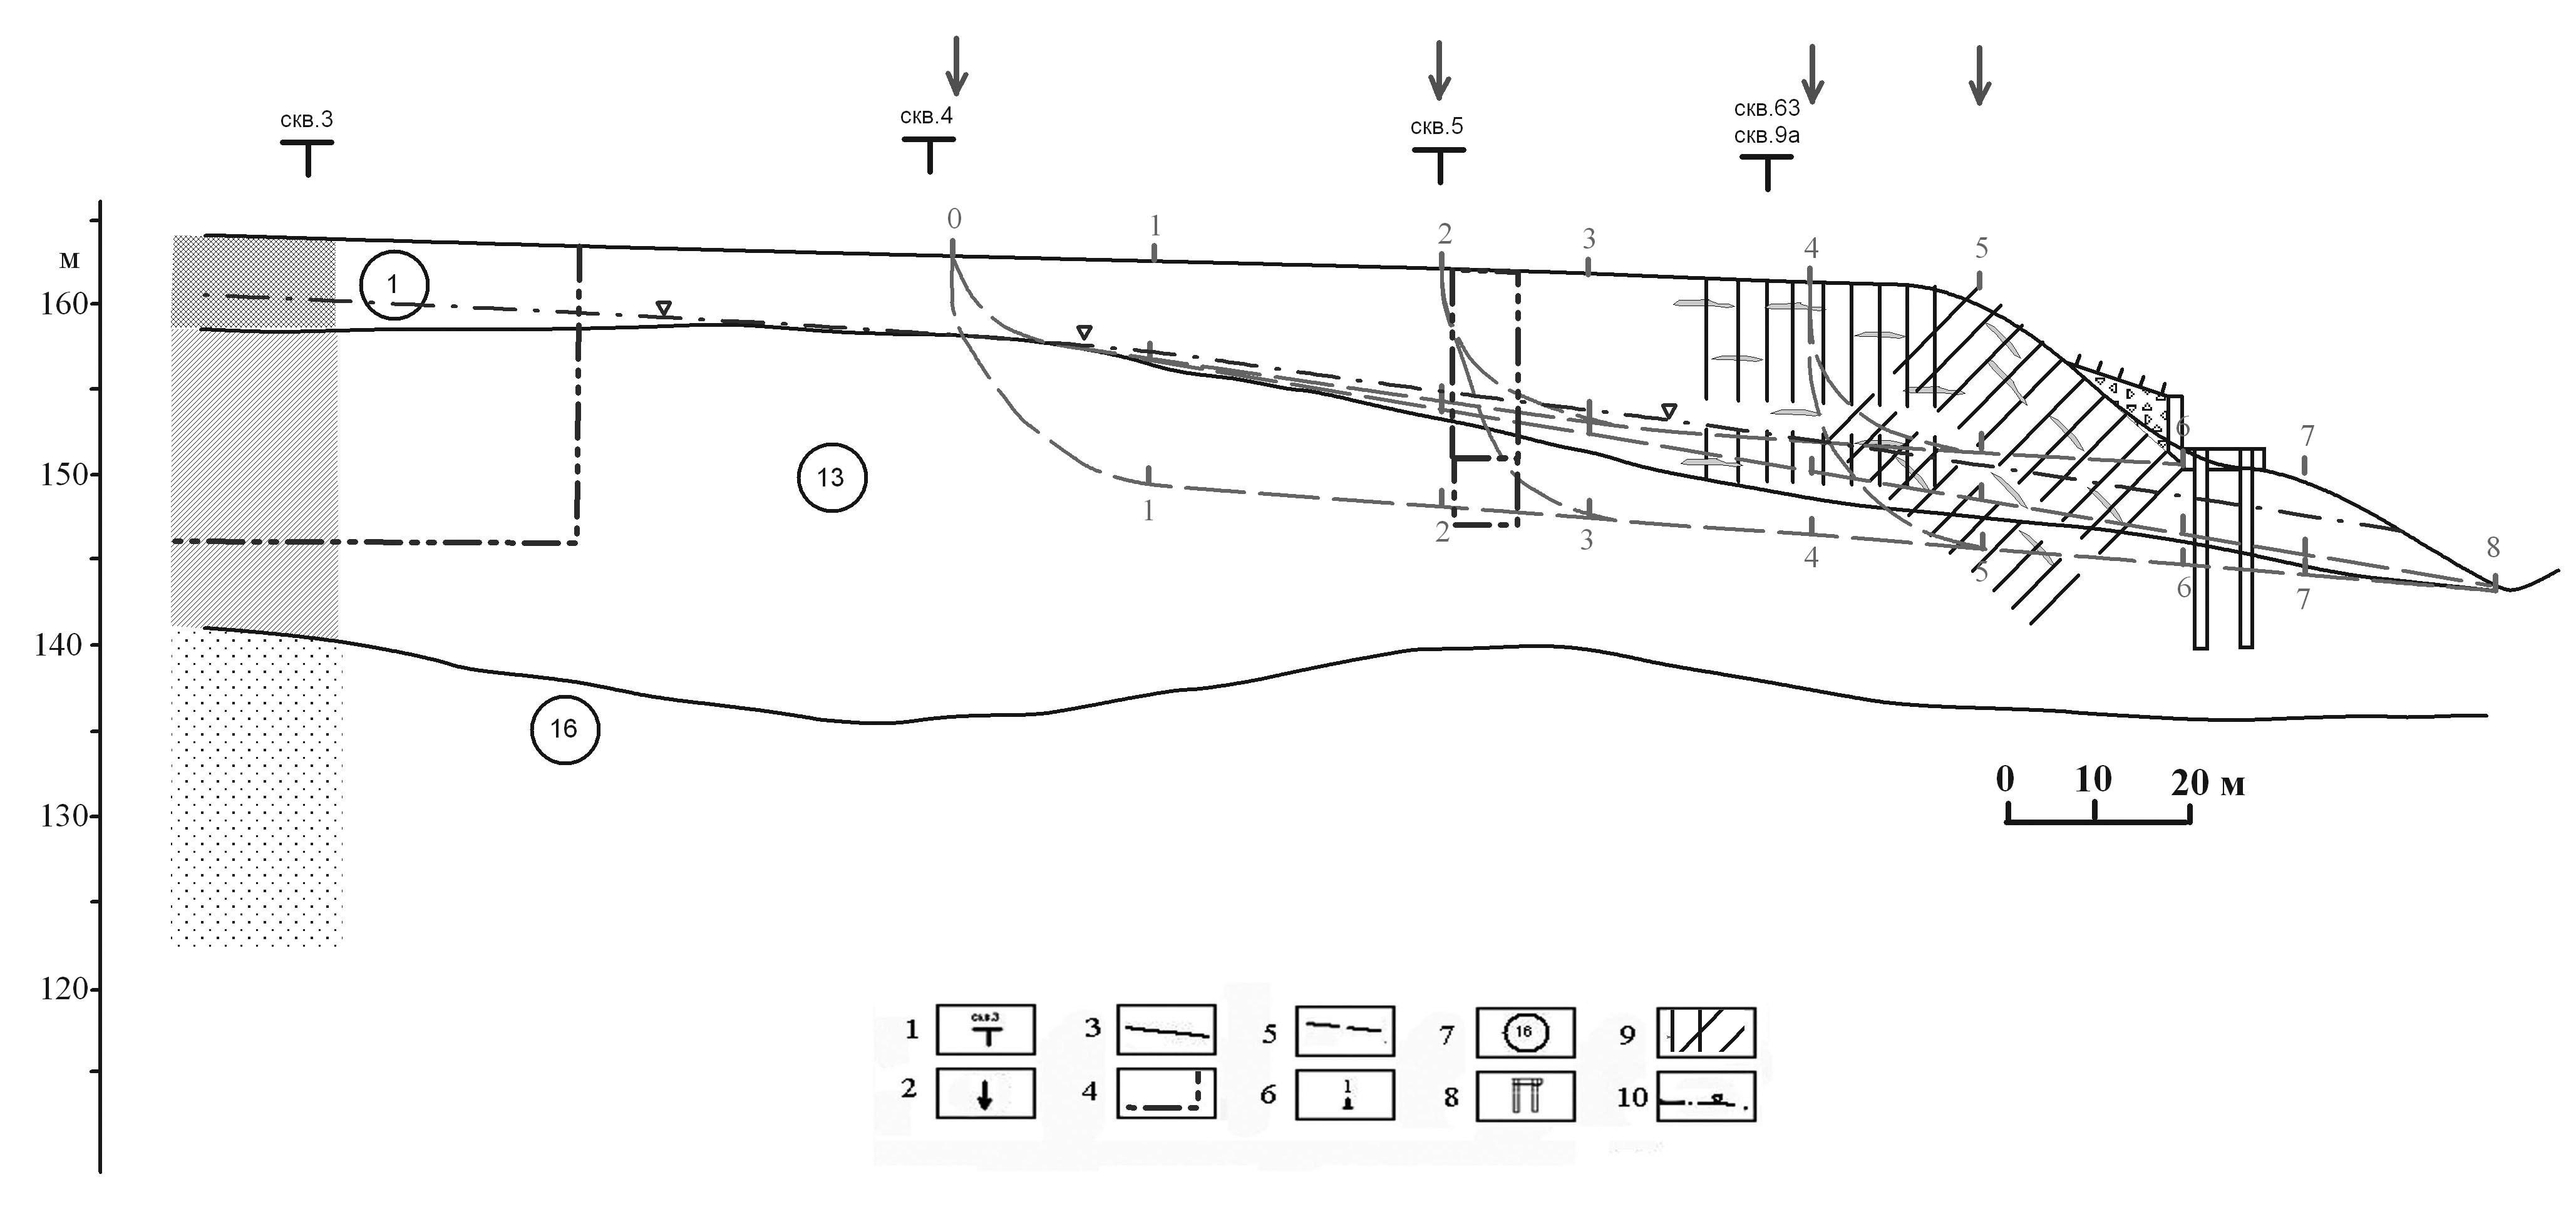 Схематический инженерно-геологический разрез оползневого склона